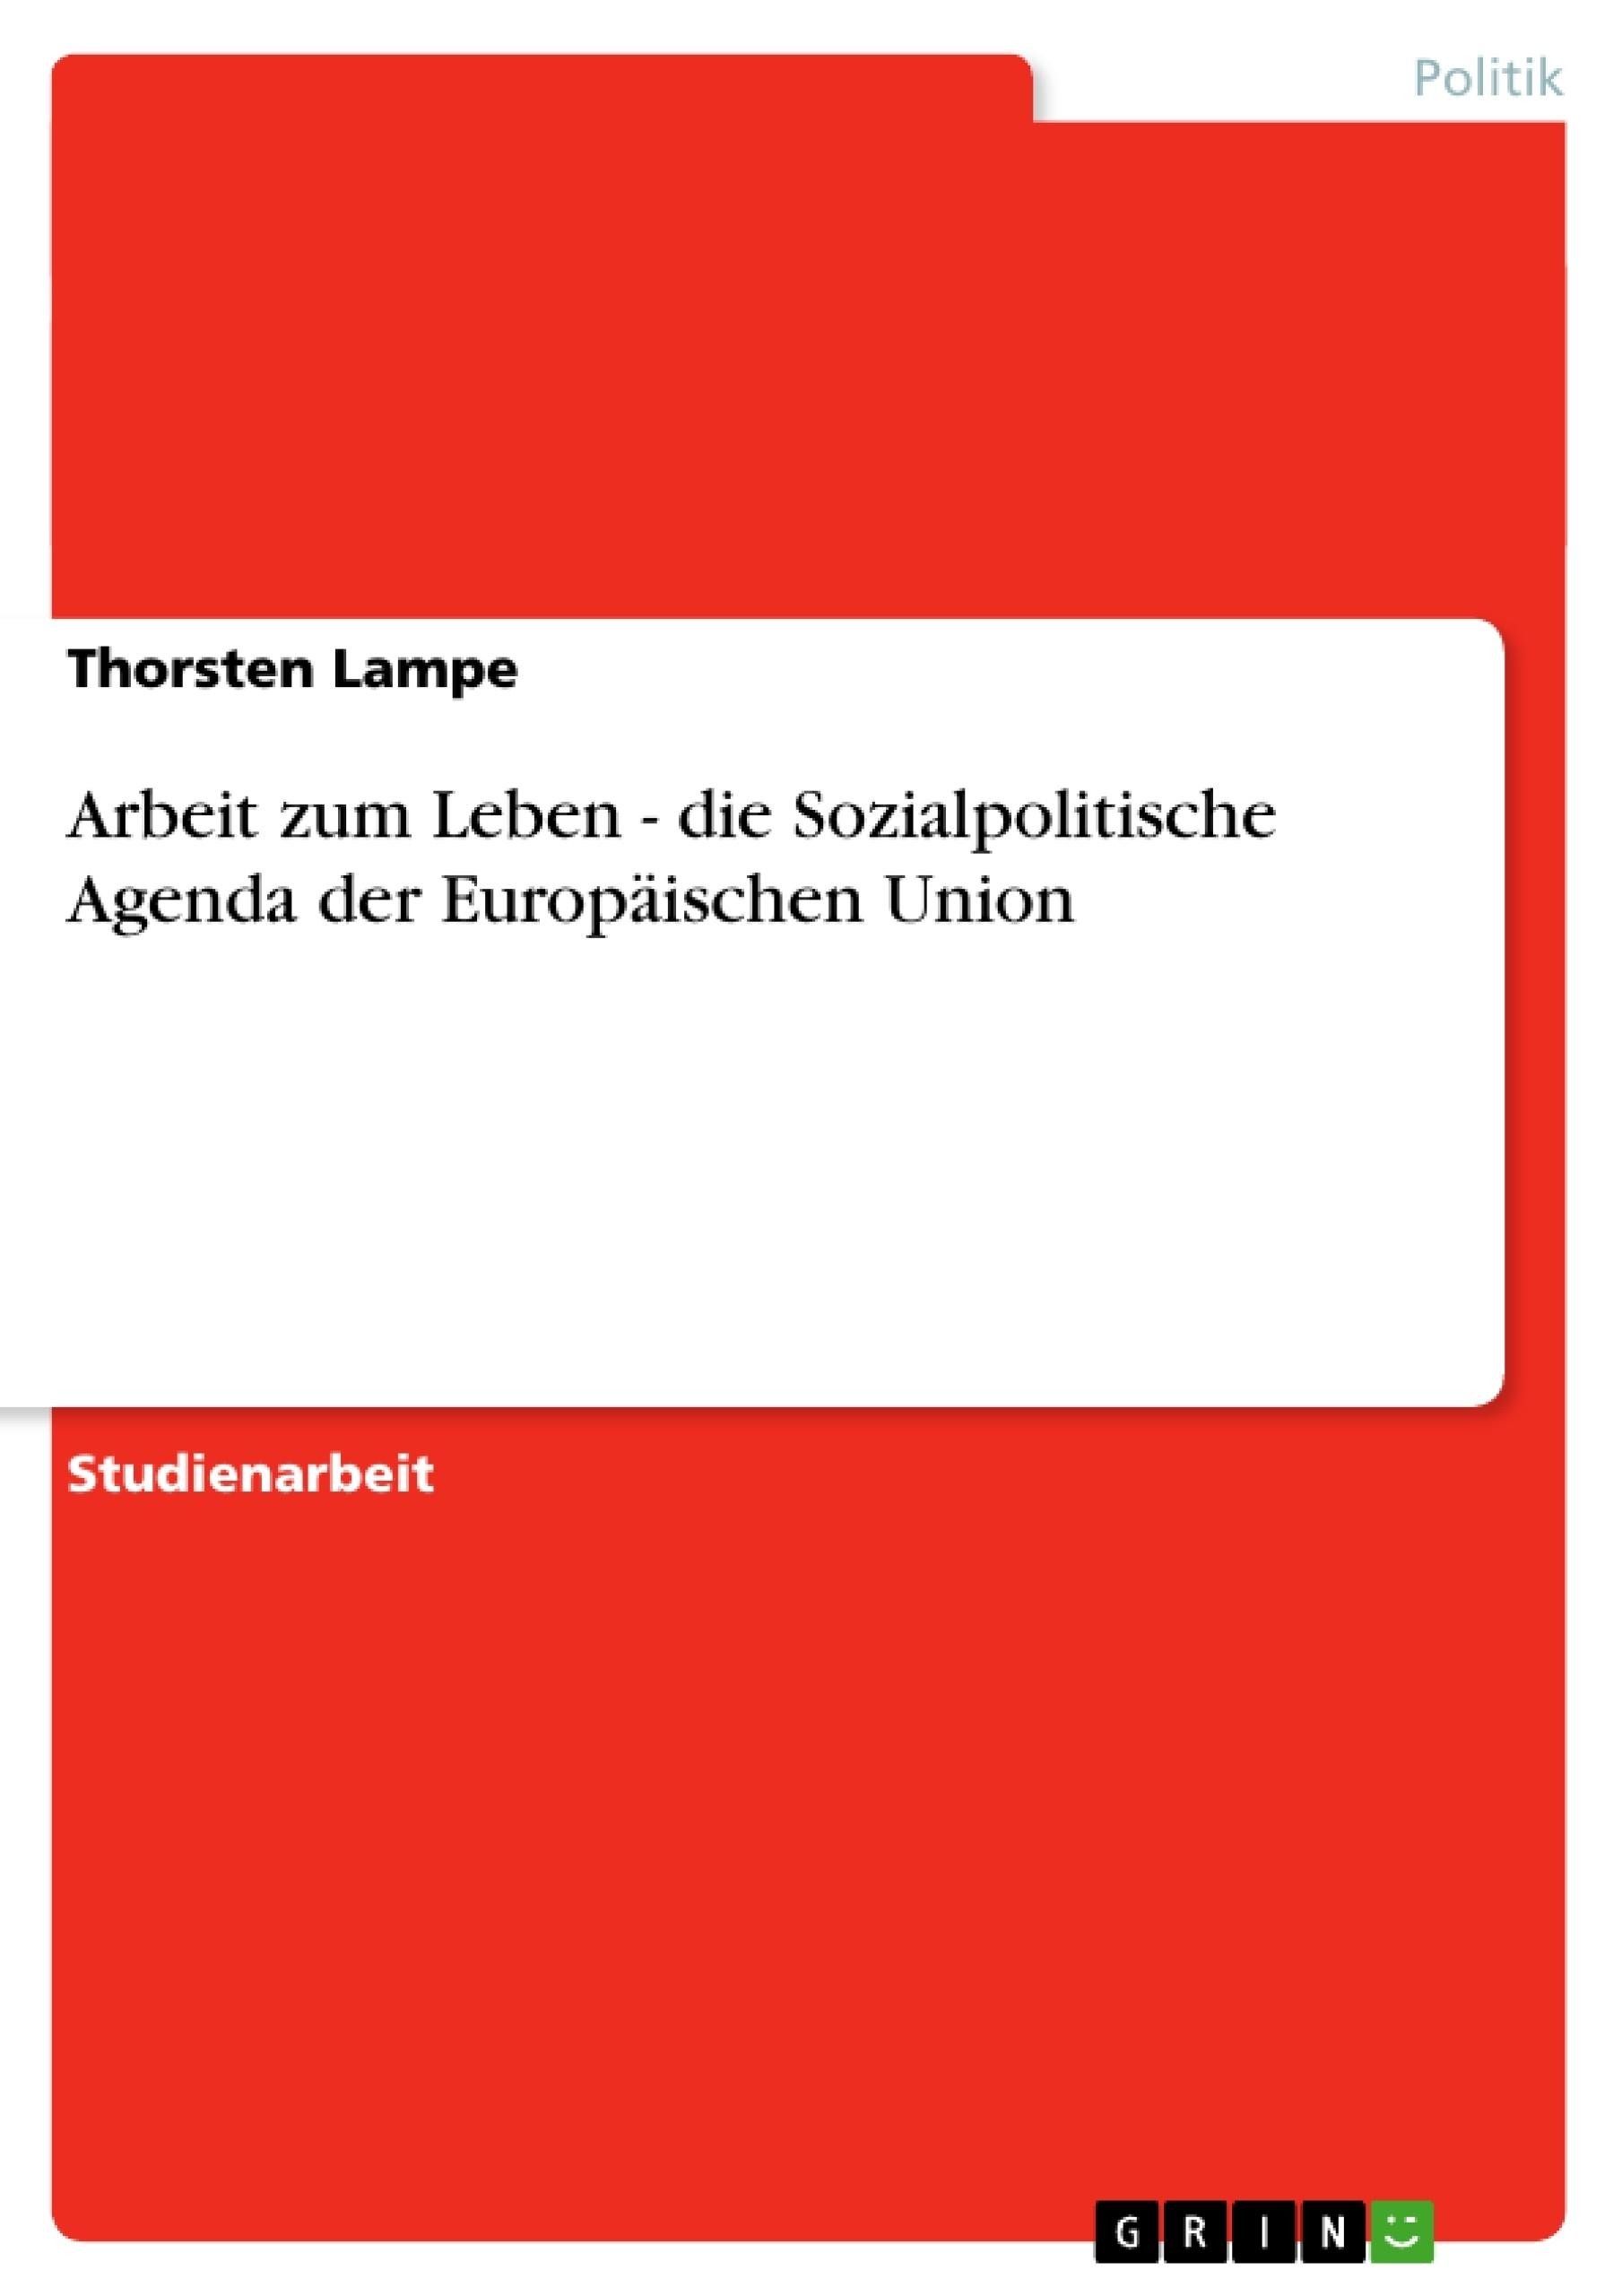 Titel: Arbeit zum Leben - die Sozialpolitische Agenda der Europäischen Union